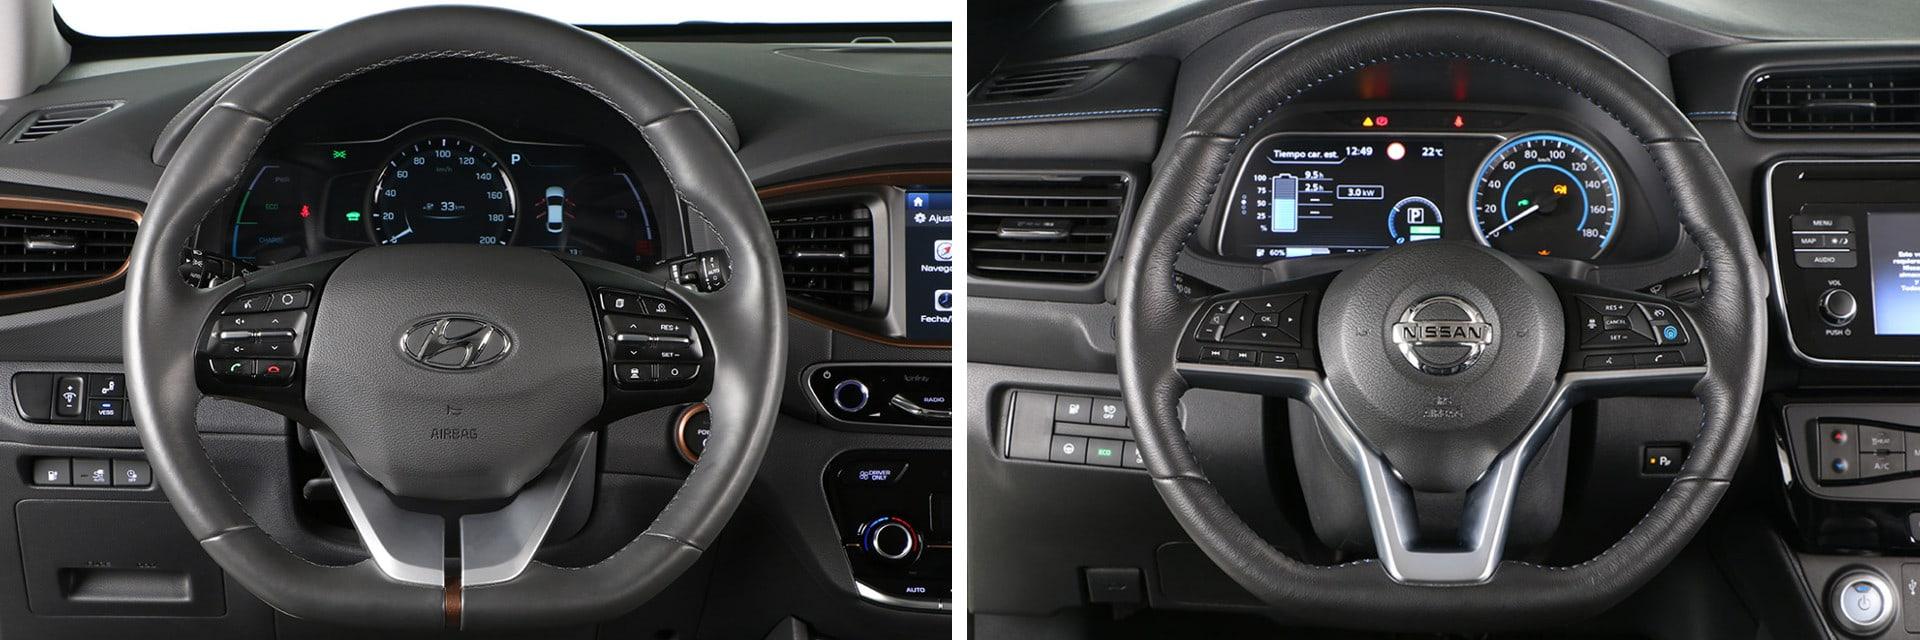 El volante del Nissan Leaf (dcha.) viene de serie con calefacción, algo que no es ni opcional en el del IONIQ (izq.)